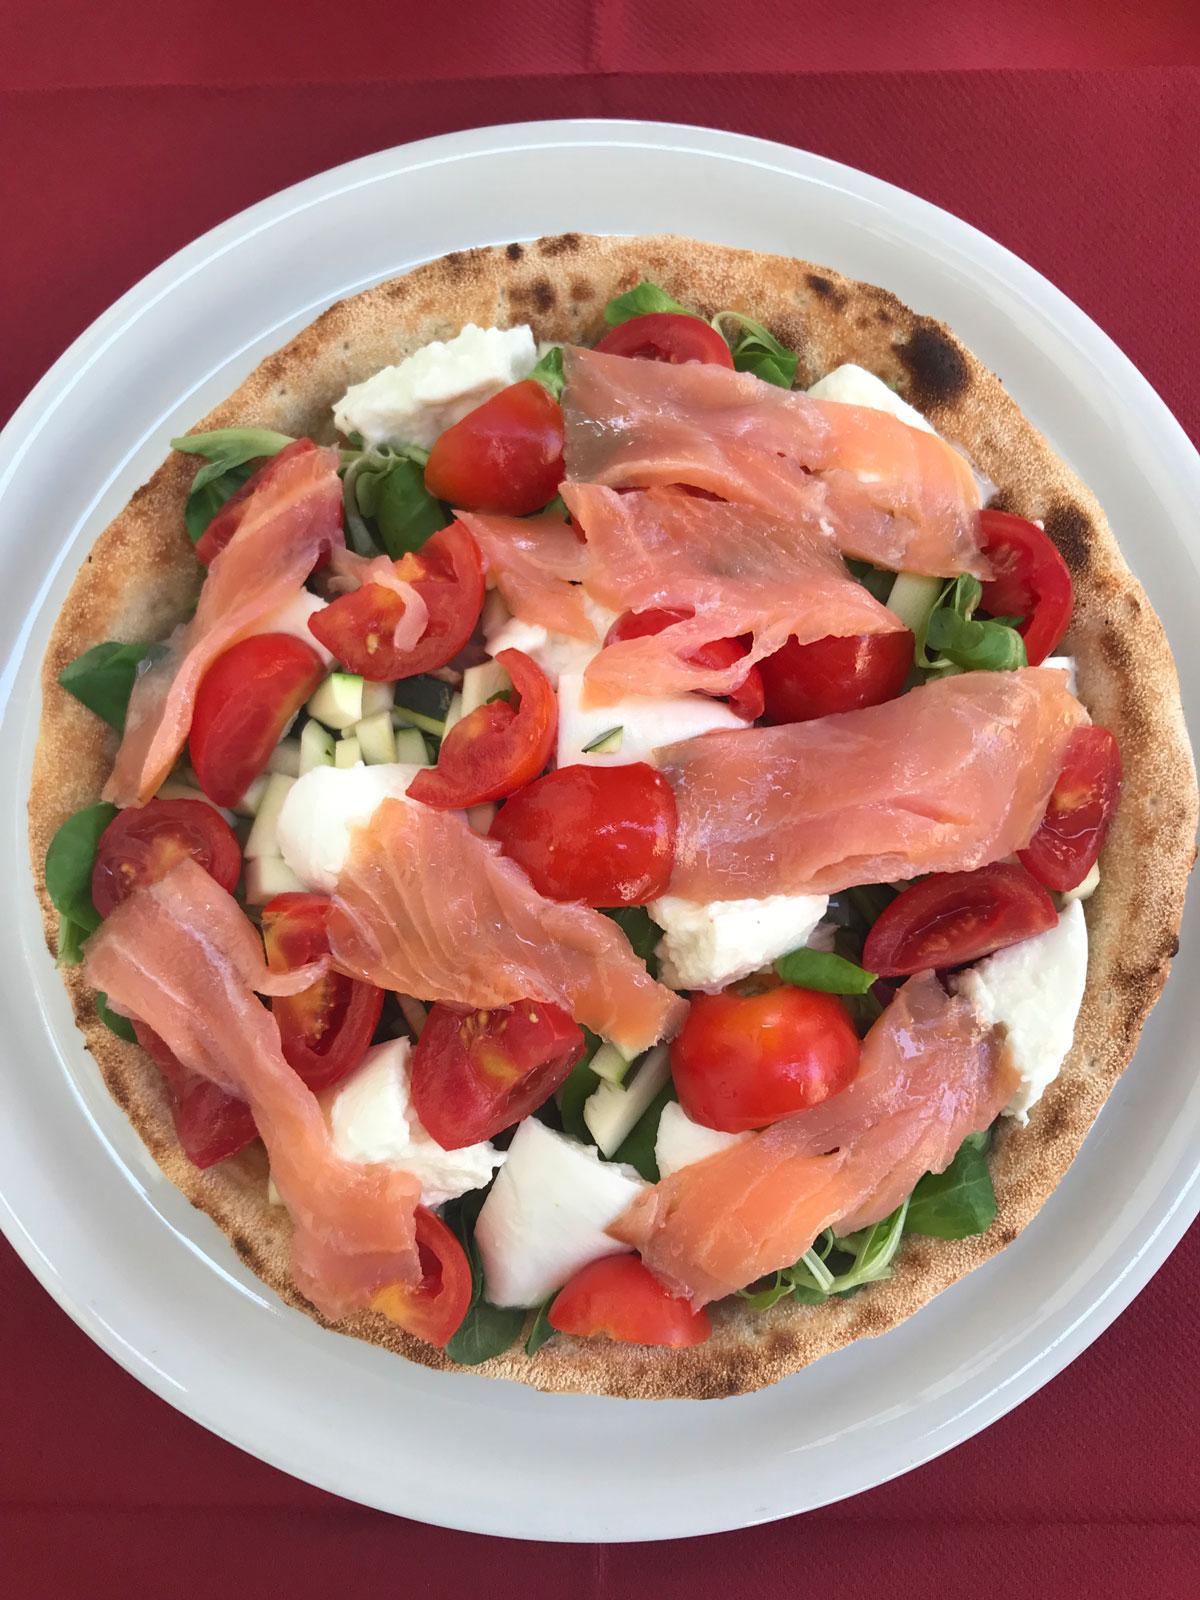 Pizza Ad Hoc - pizzeria Torino-pizza Ad HocPizza Ad Hoc - pizzeria Torino-pizza Ad Hoc